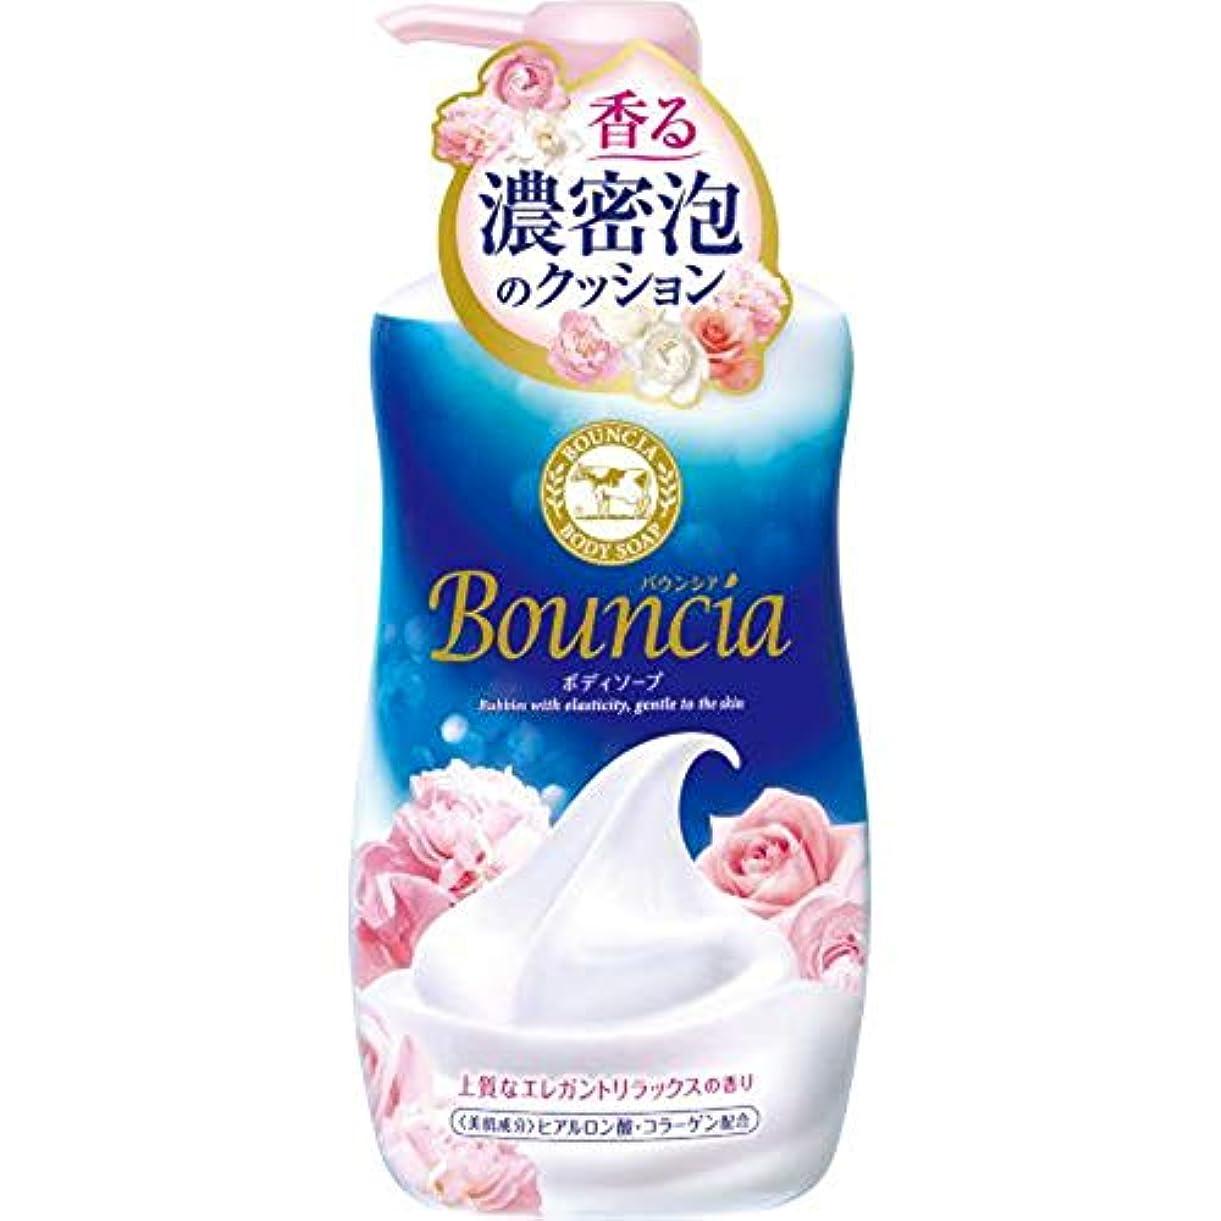 タンパク質ドキドキ狂人バウンシア ボディソープ エレガントリラックスの香り ポンプ 550mL